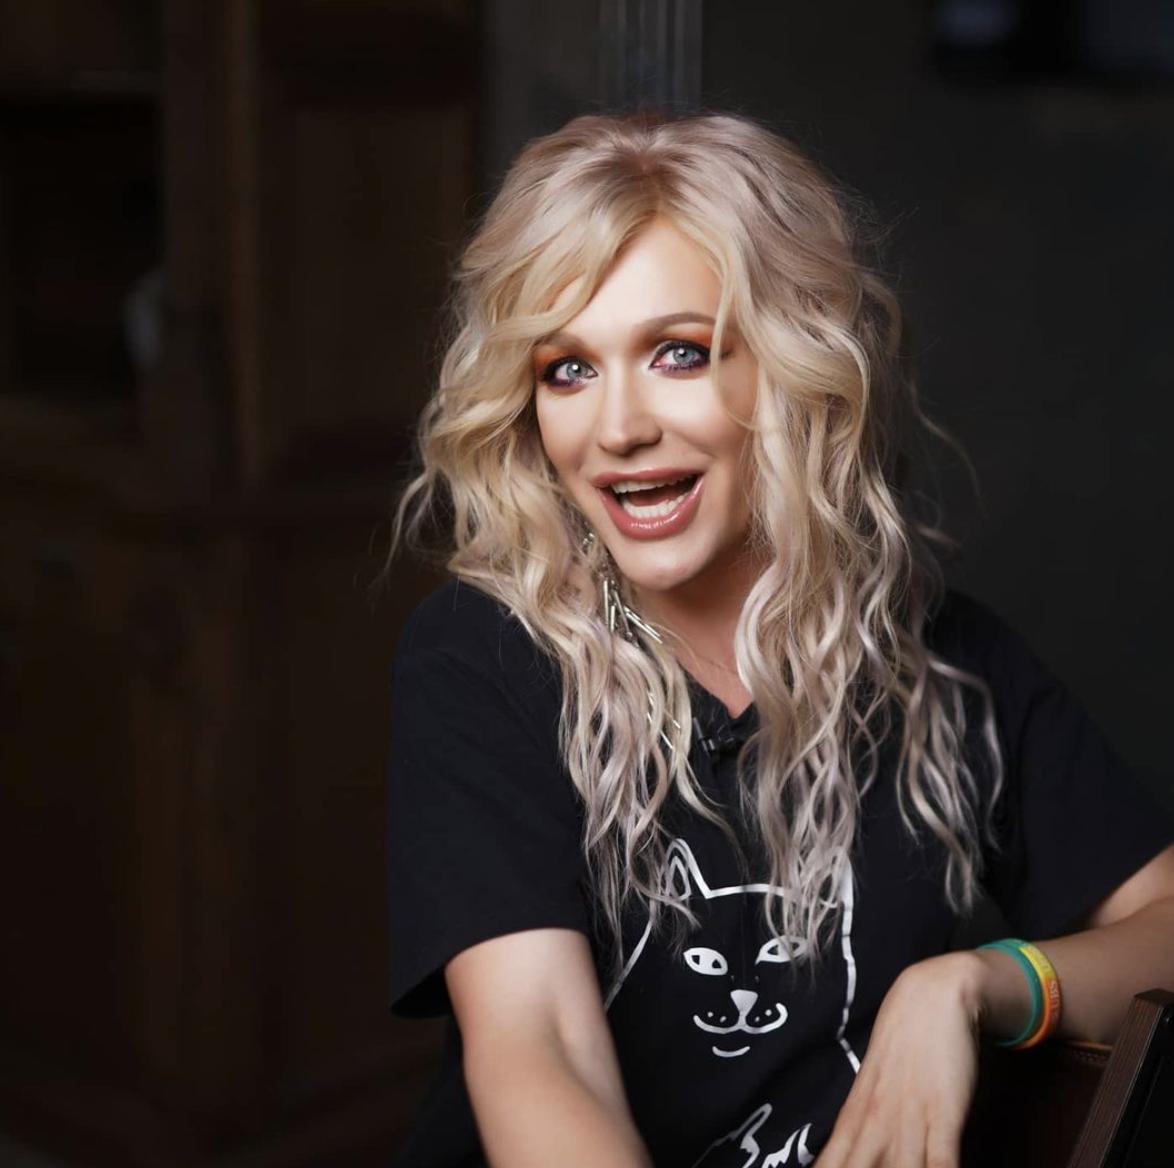 Травесті-діва Монро є письменницею, співачкою і блогеркою